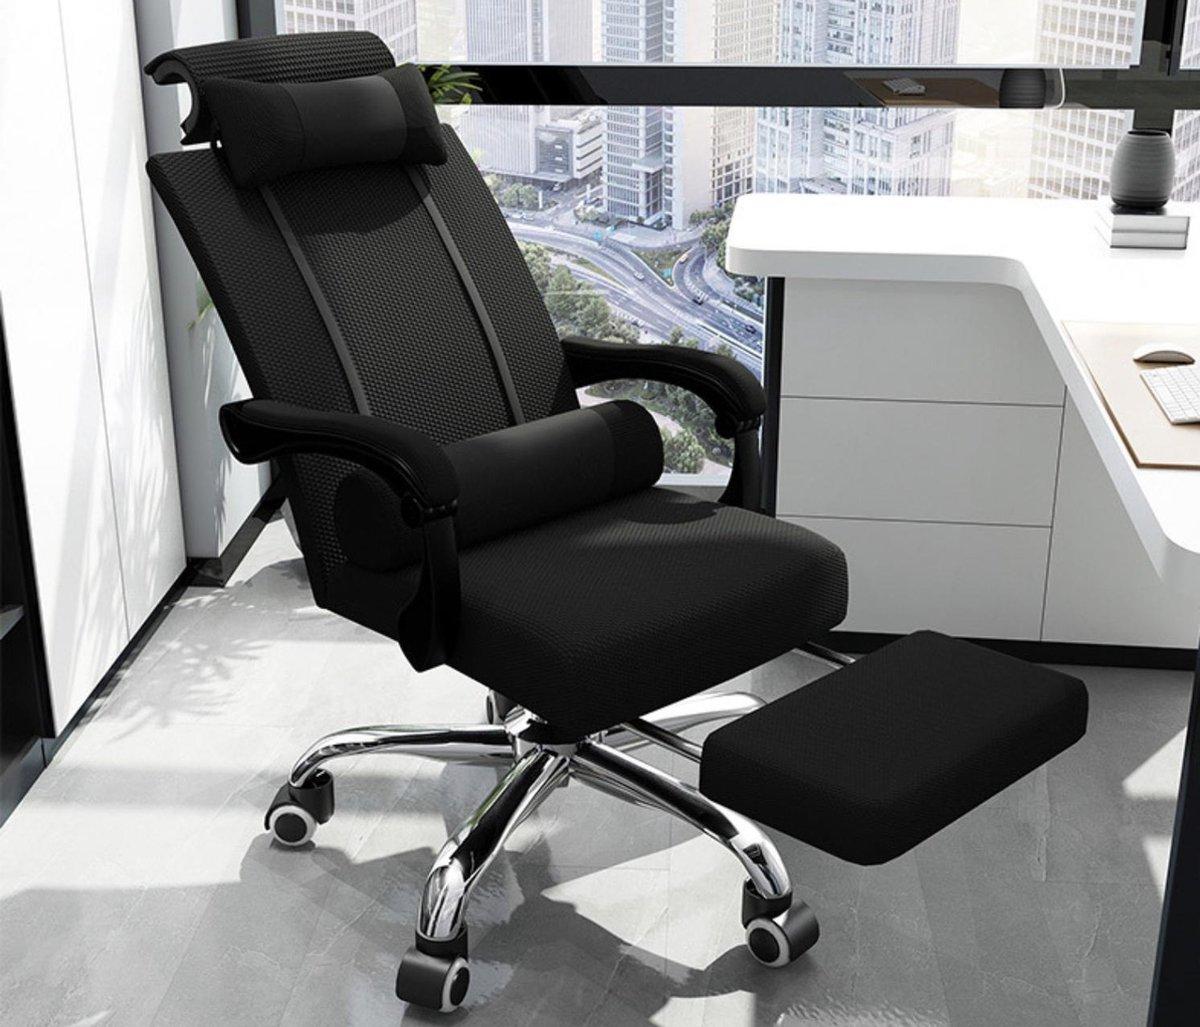 Ergonomische Bureaustoel - Bureaustoelen voor volwassenen - Hoofdsteun - Uitschuifbaar voetsteun - O